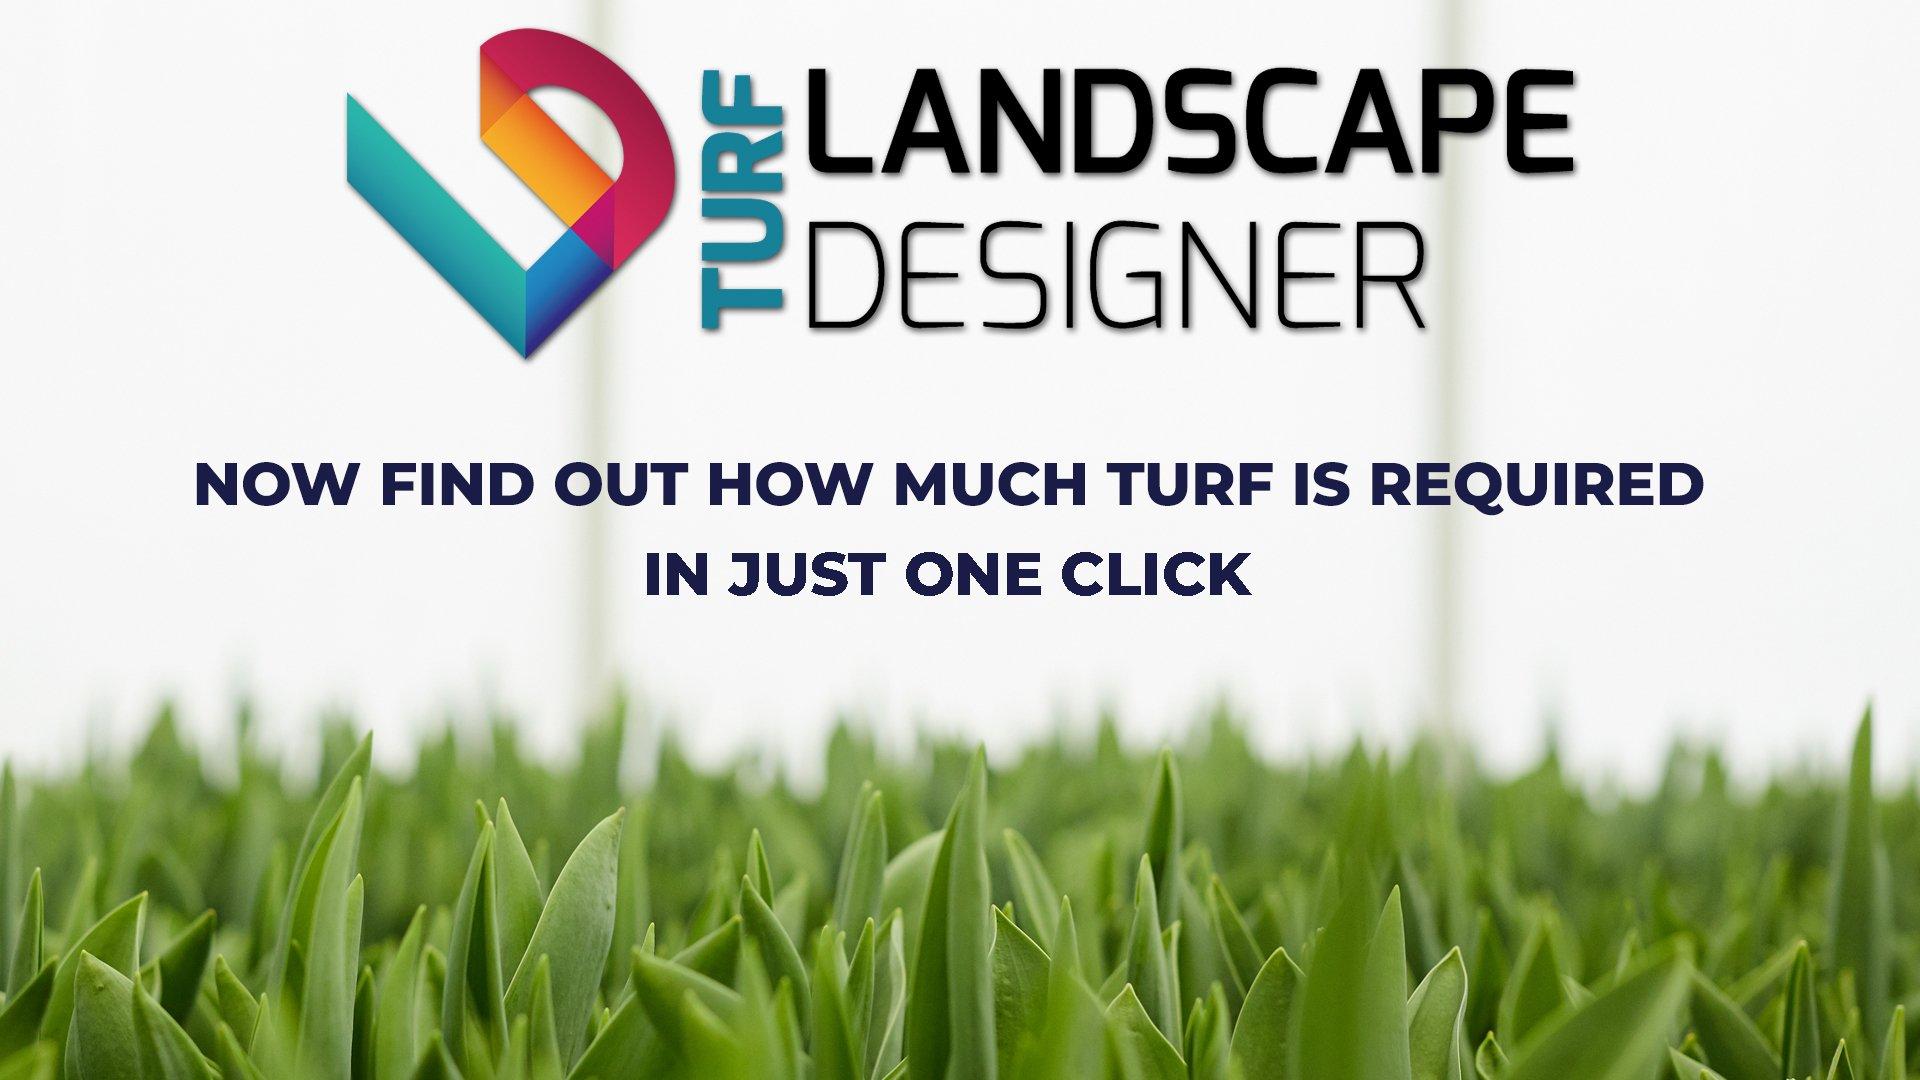 Screenshot of Landscape Designer TURF